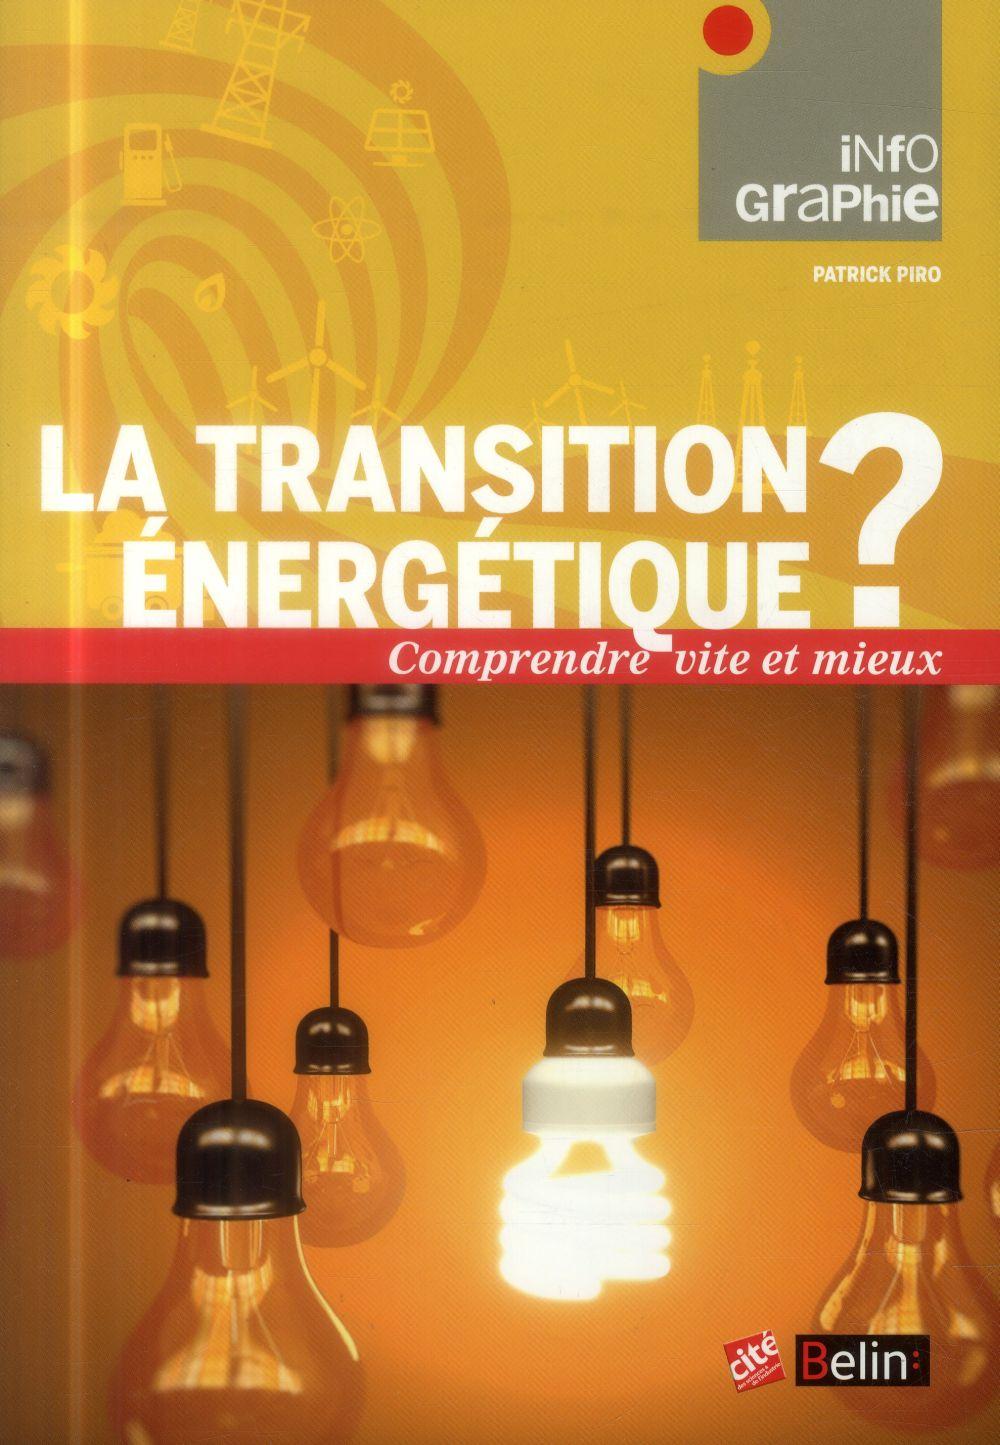 LA TRANSITION ENERGETIQUE ?